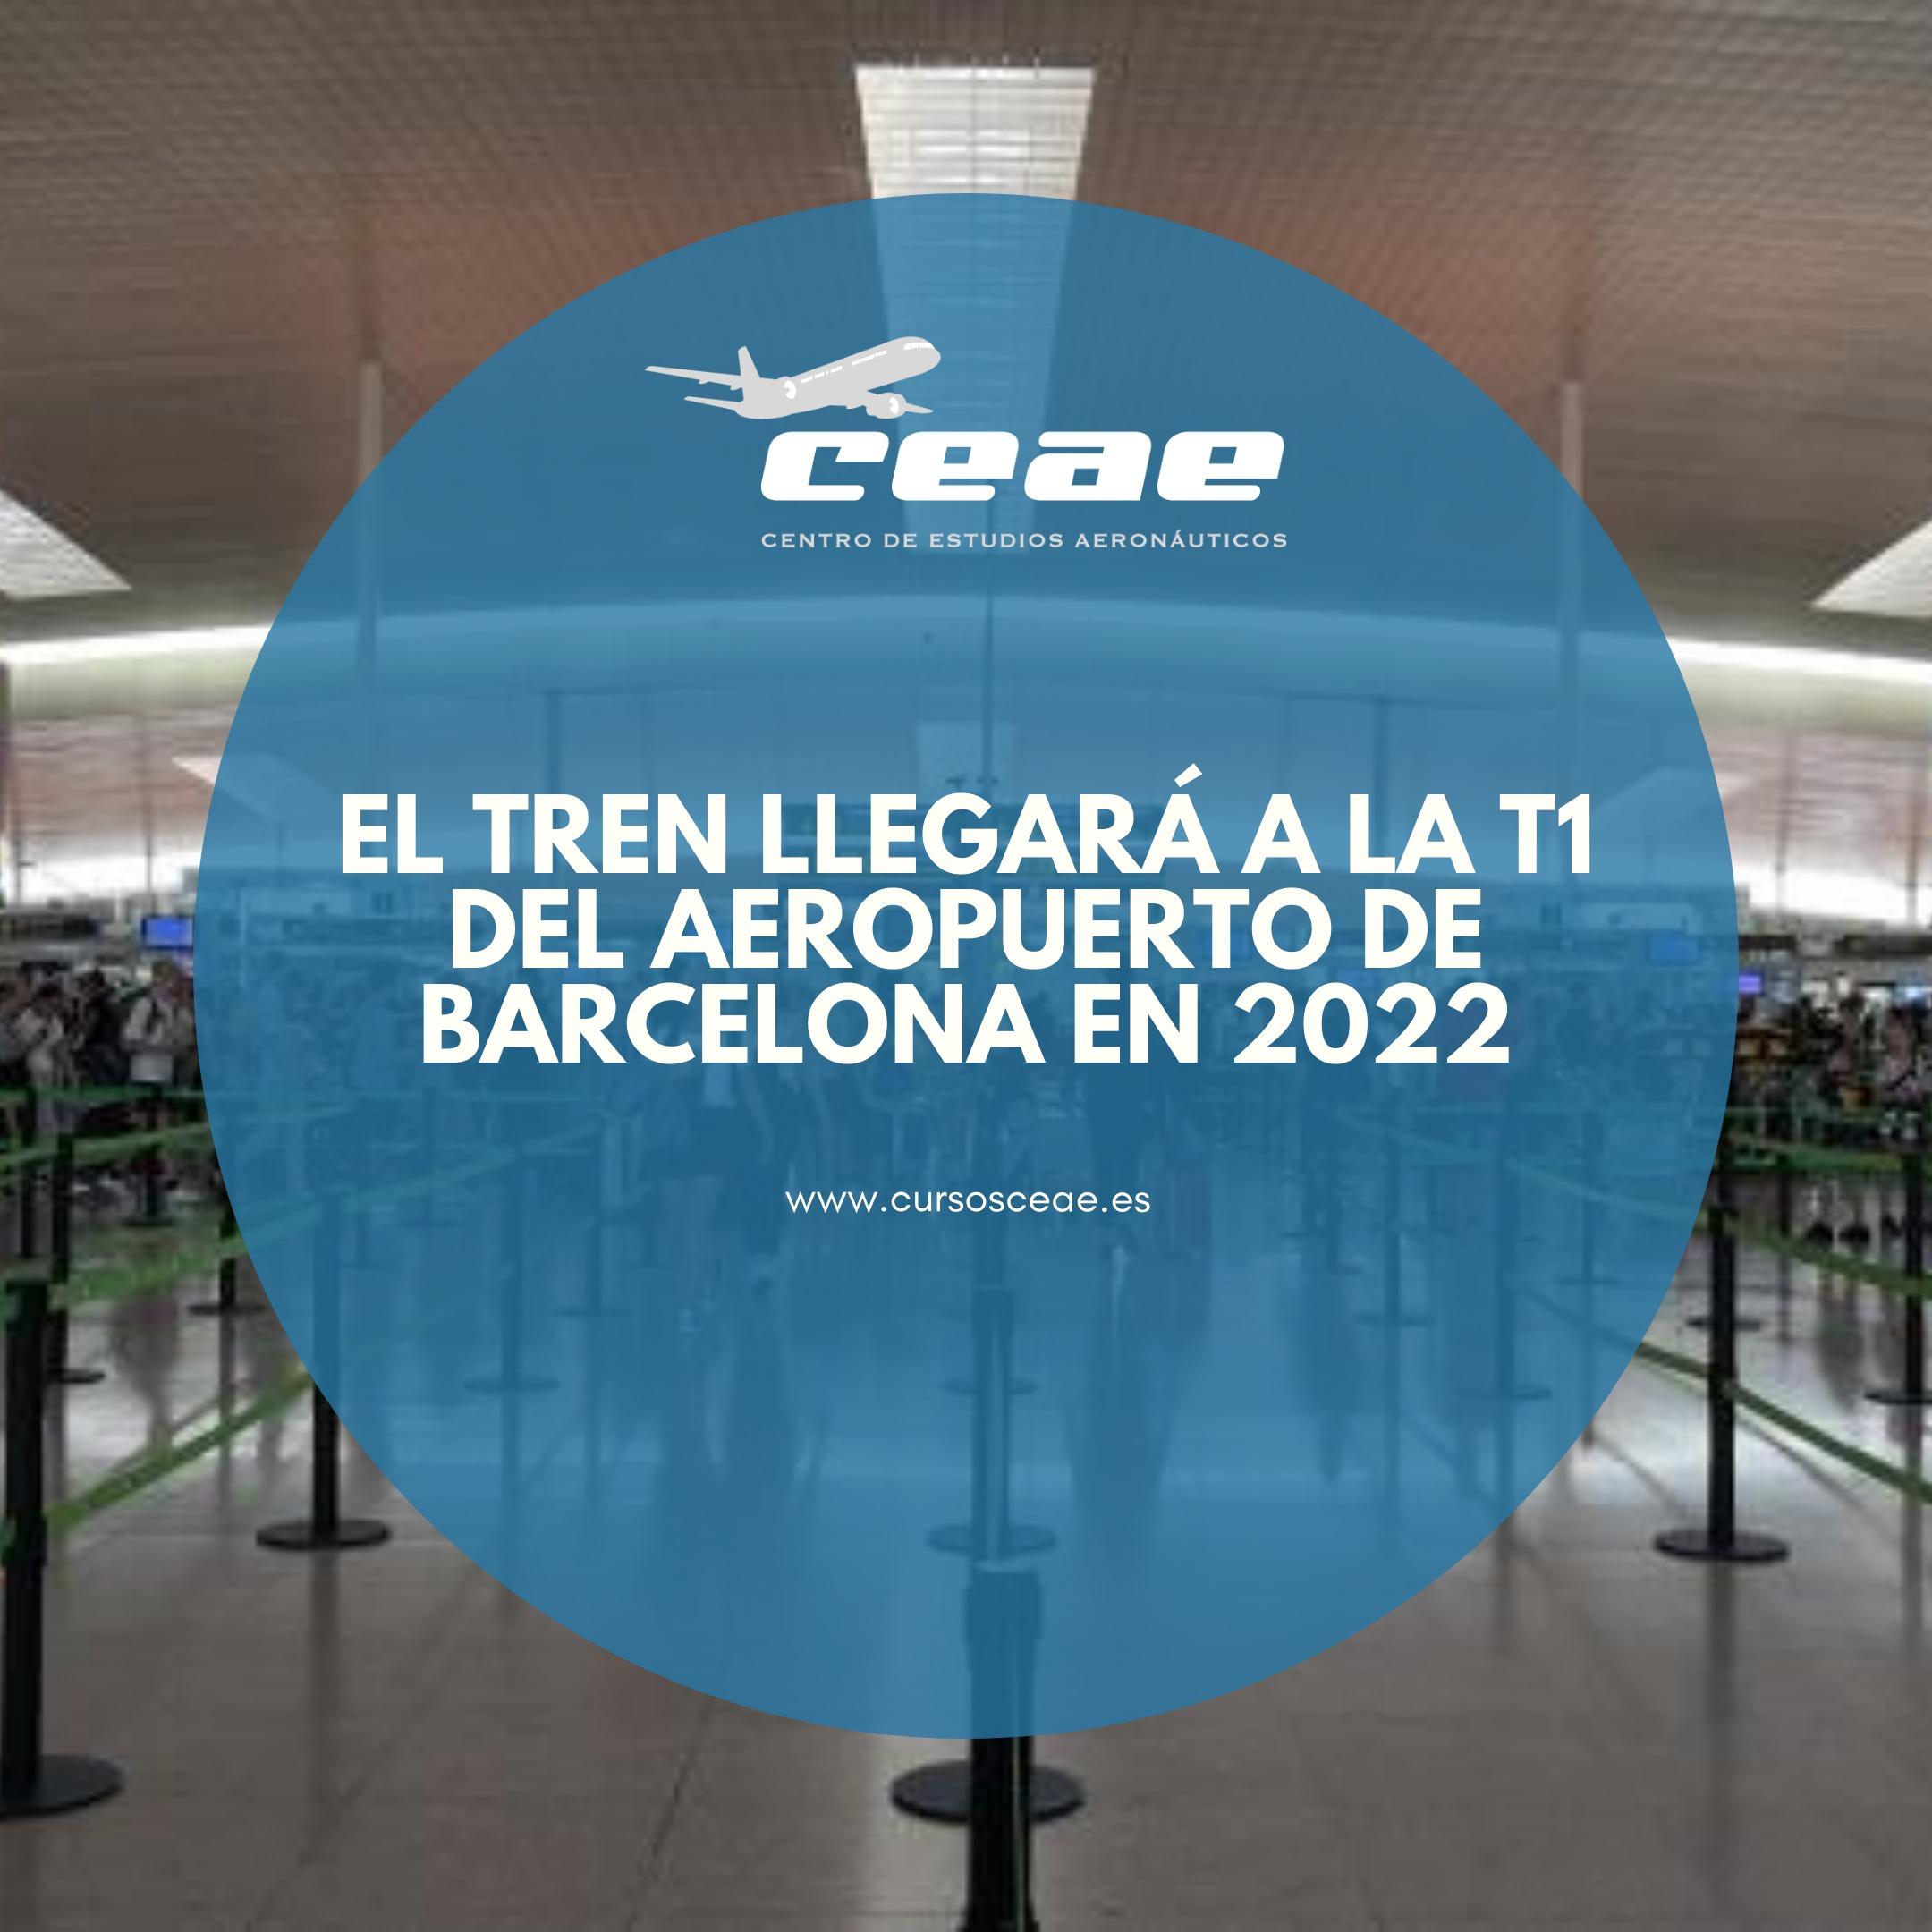 El tren llegará a la T1 del aeropuerto de Barcelona en 2022